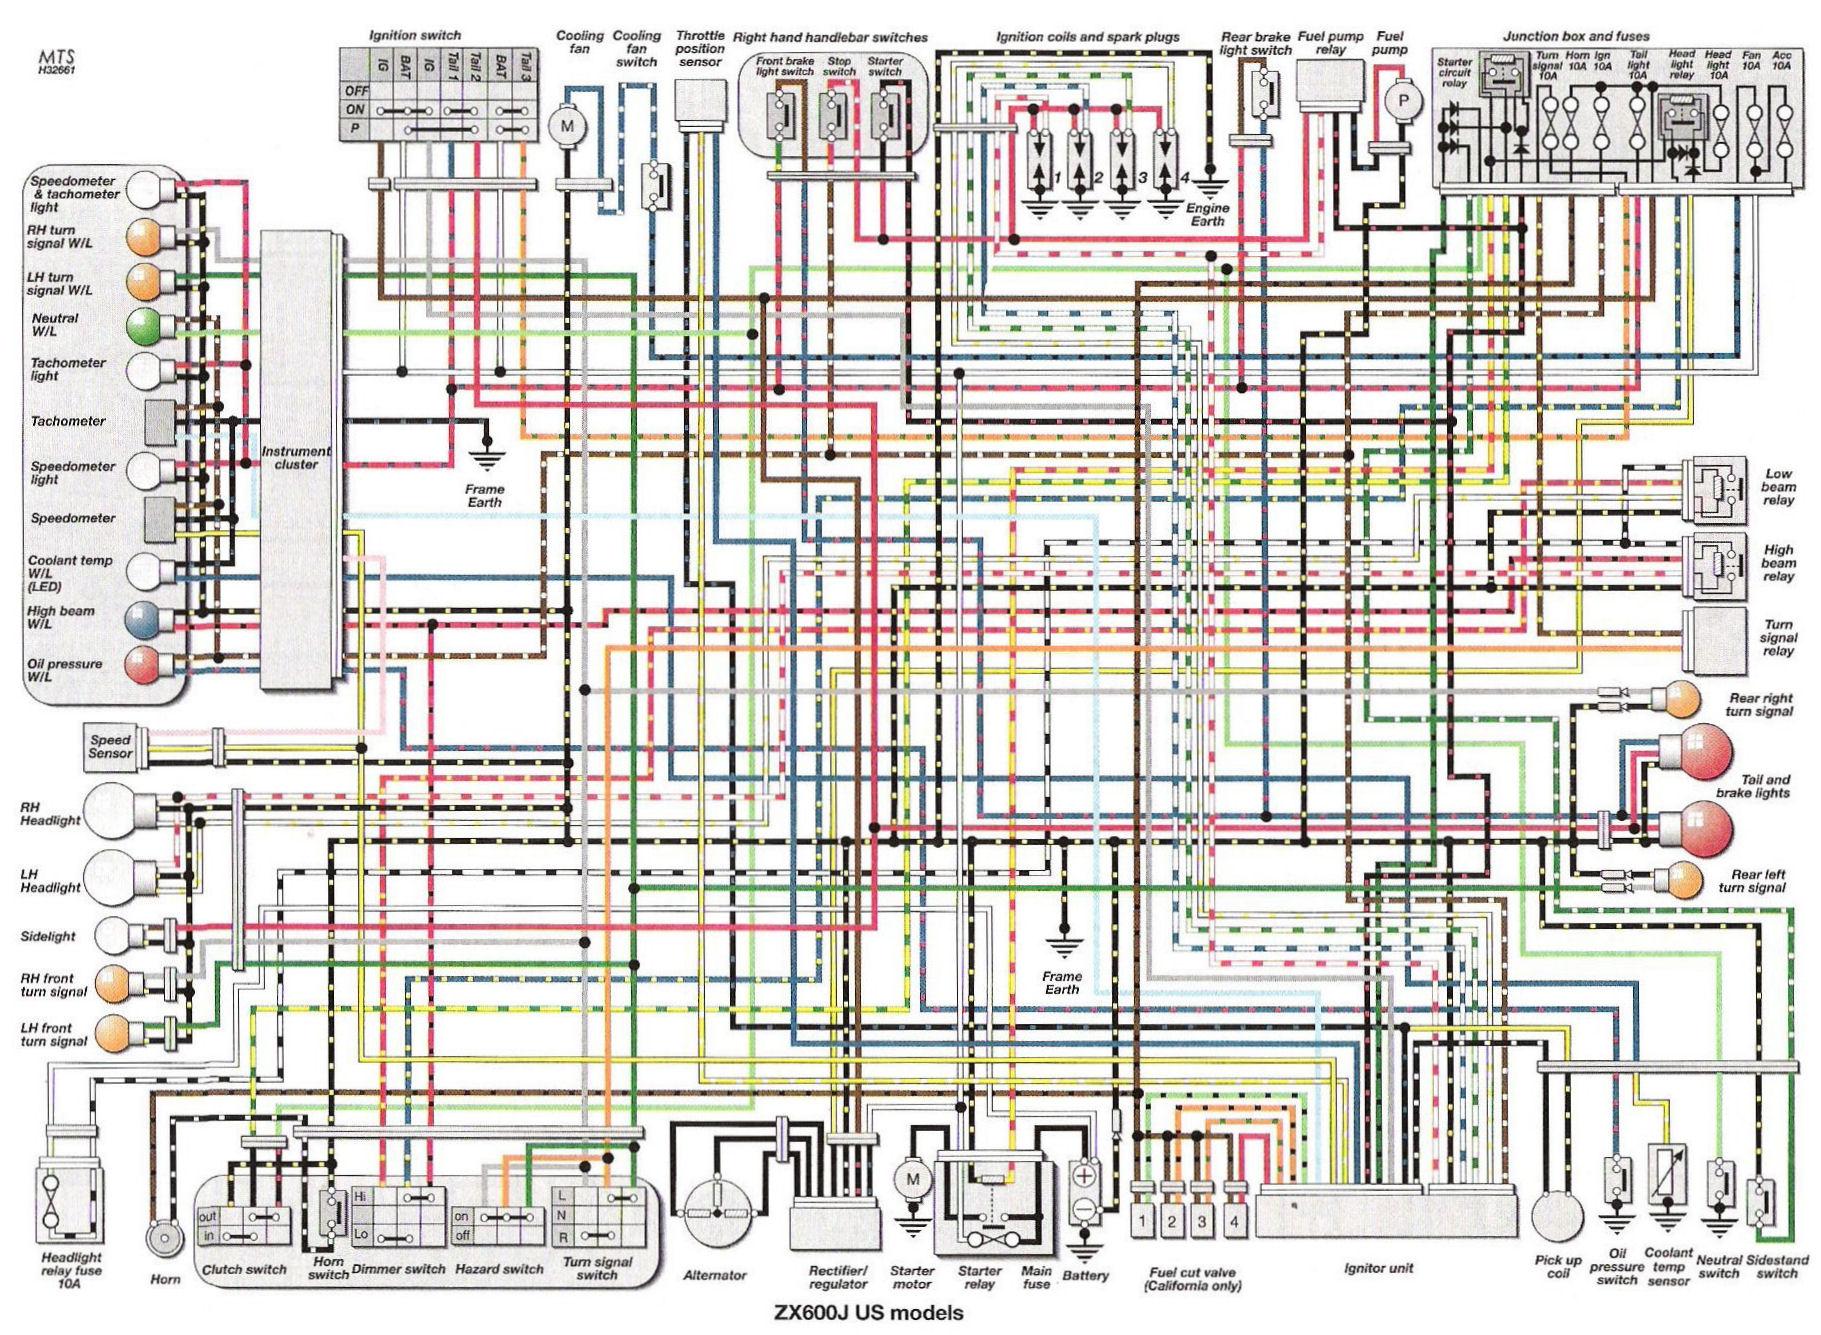 B626B35 2002 Yamaha Fz1 Wiring Diagram | Wiring Resources  Wiring Resources